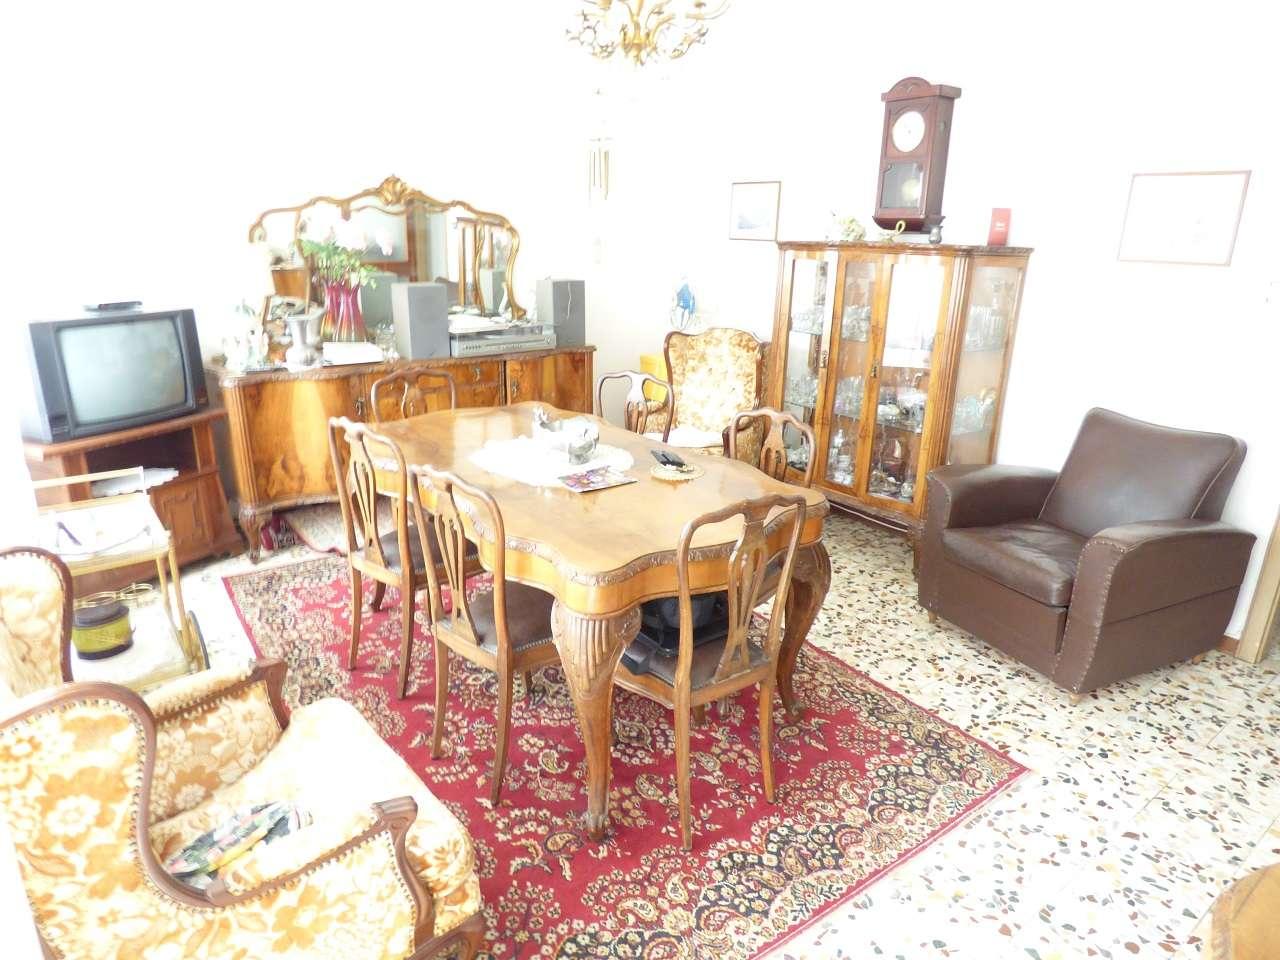 Appartamento in vendita a Padova, 3 locali, zona Zona: 6 . Ovest (Brentella-Valsugana), prezzo € 65.000 | CambioCasa.it